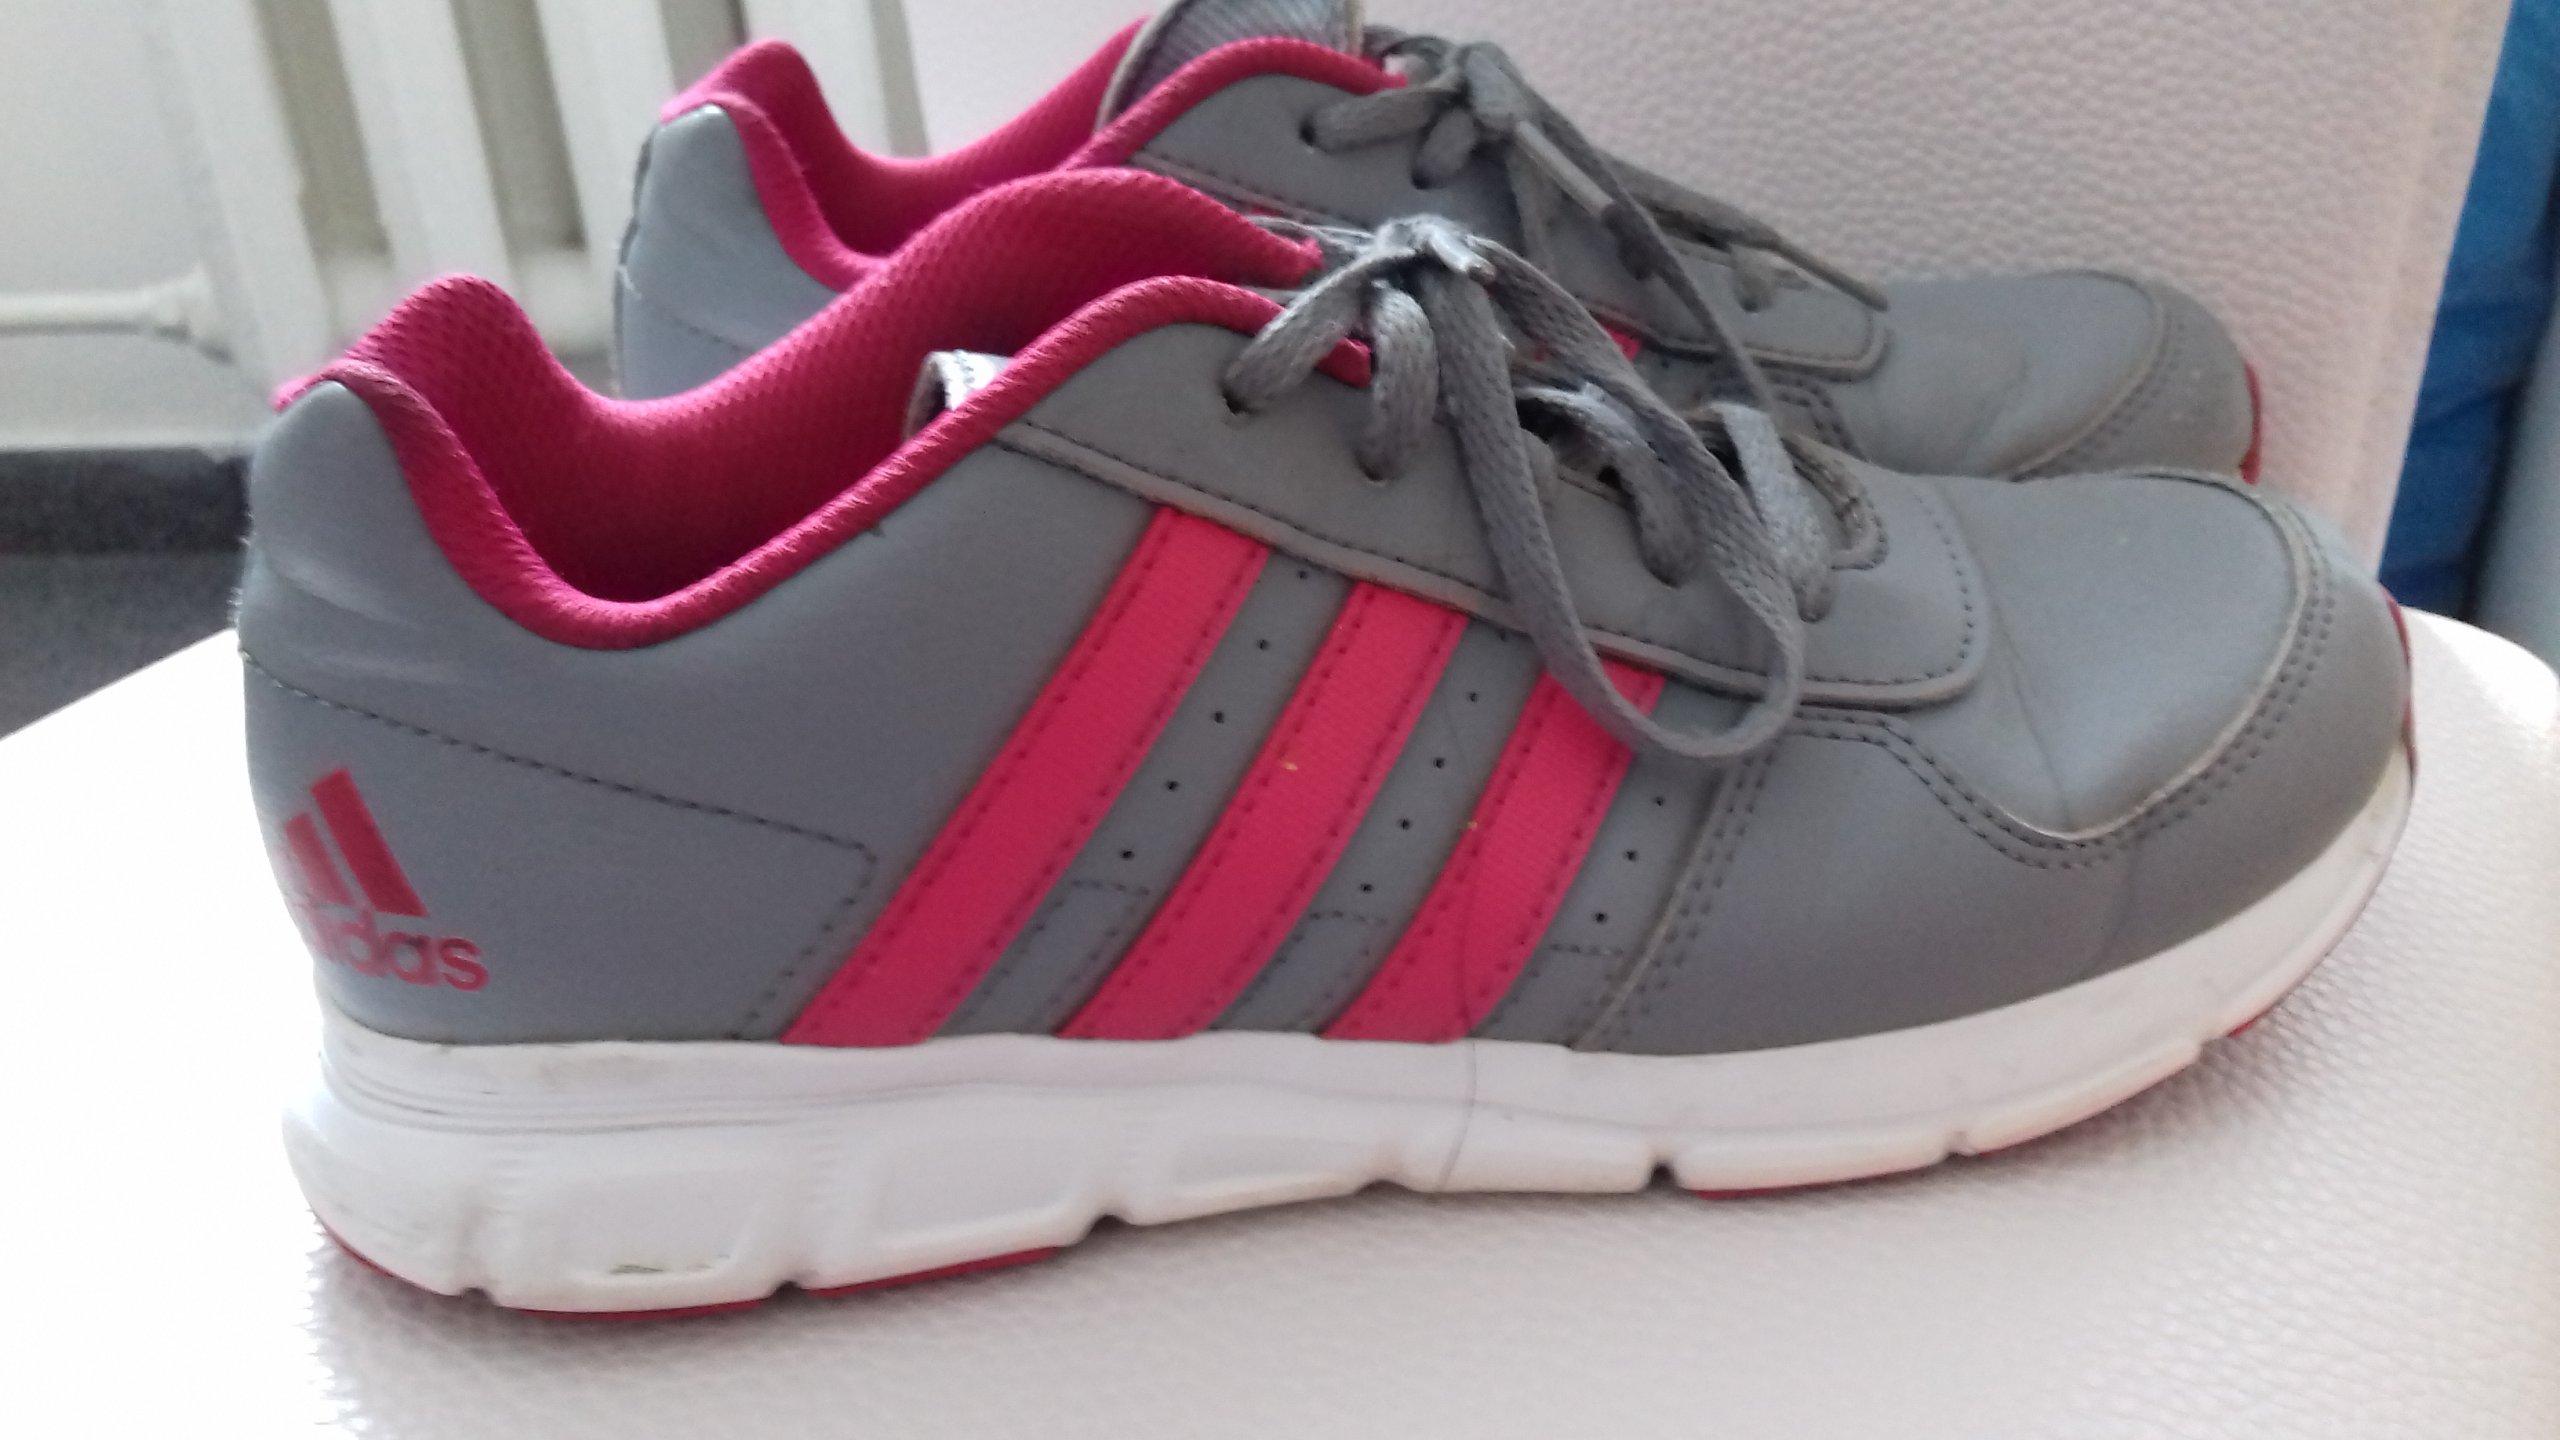 0ea5149c Buty sportowe firmy Adidas rozmiar 35 - 7233935979 - oficjalne ...